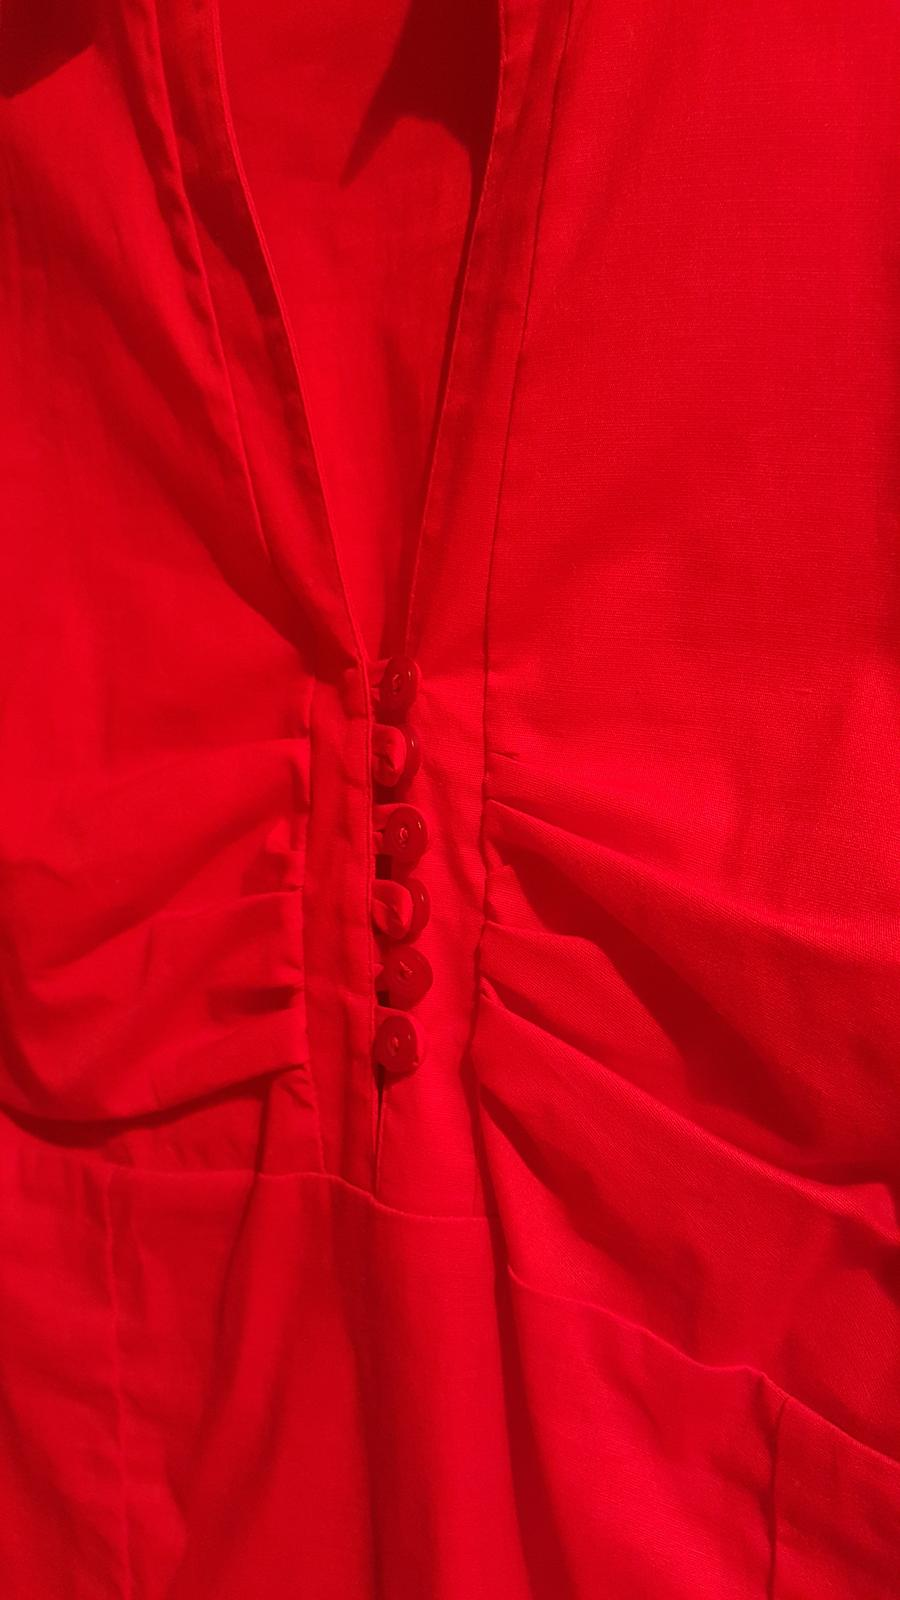 Nenosena bluzka - Obrázok č. 1